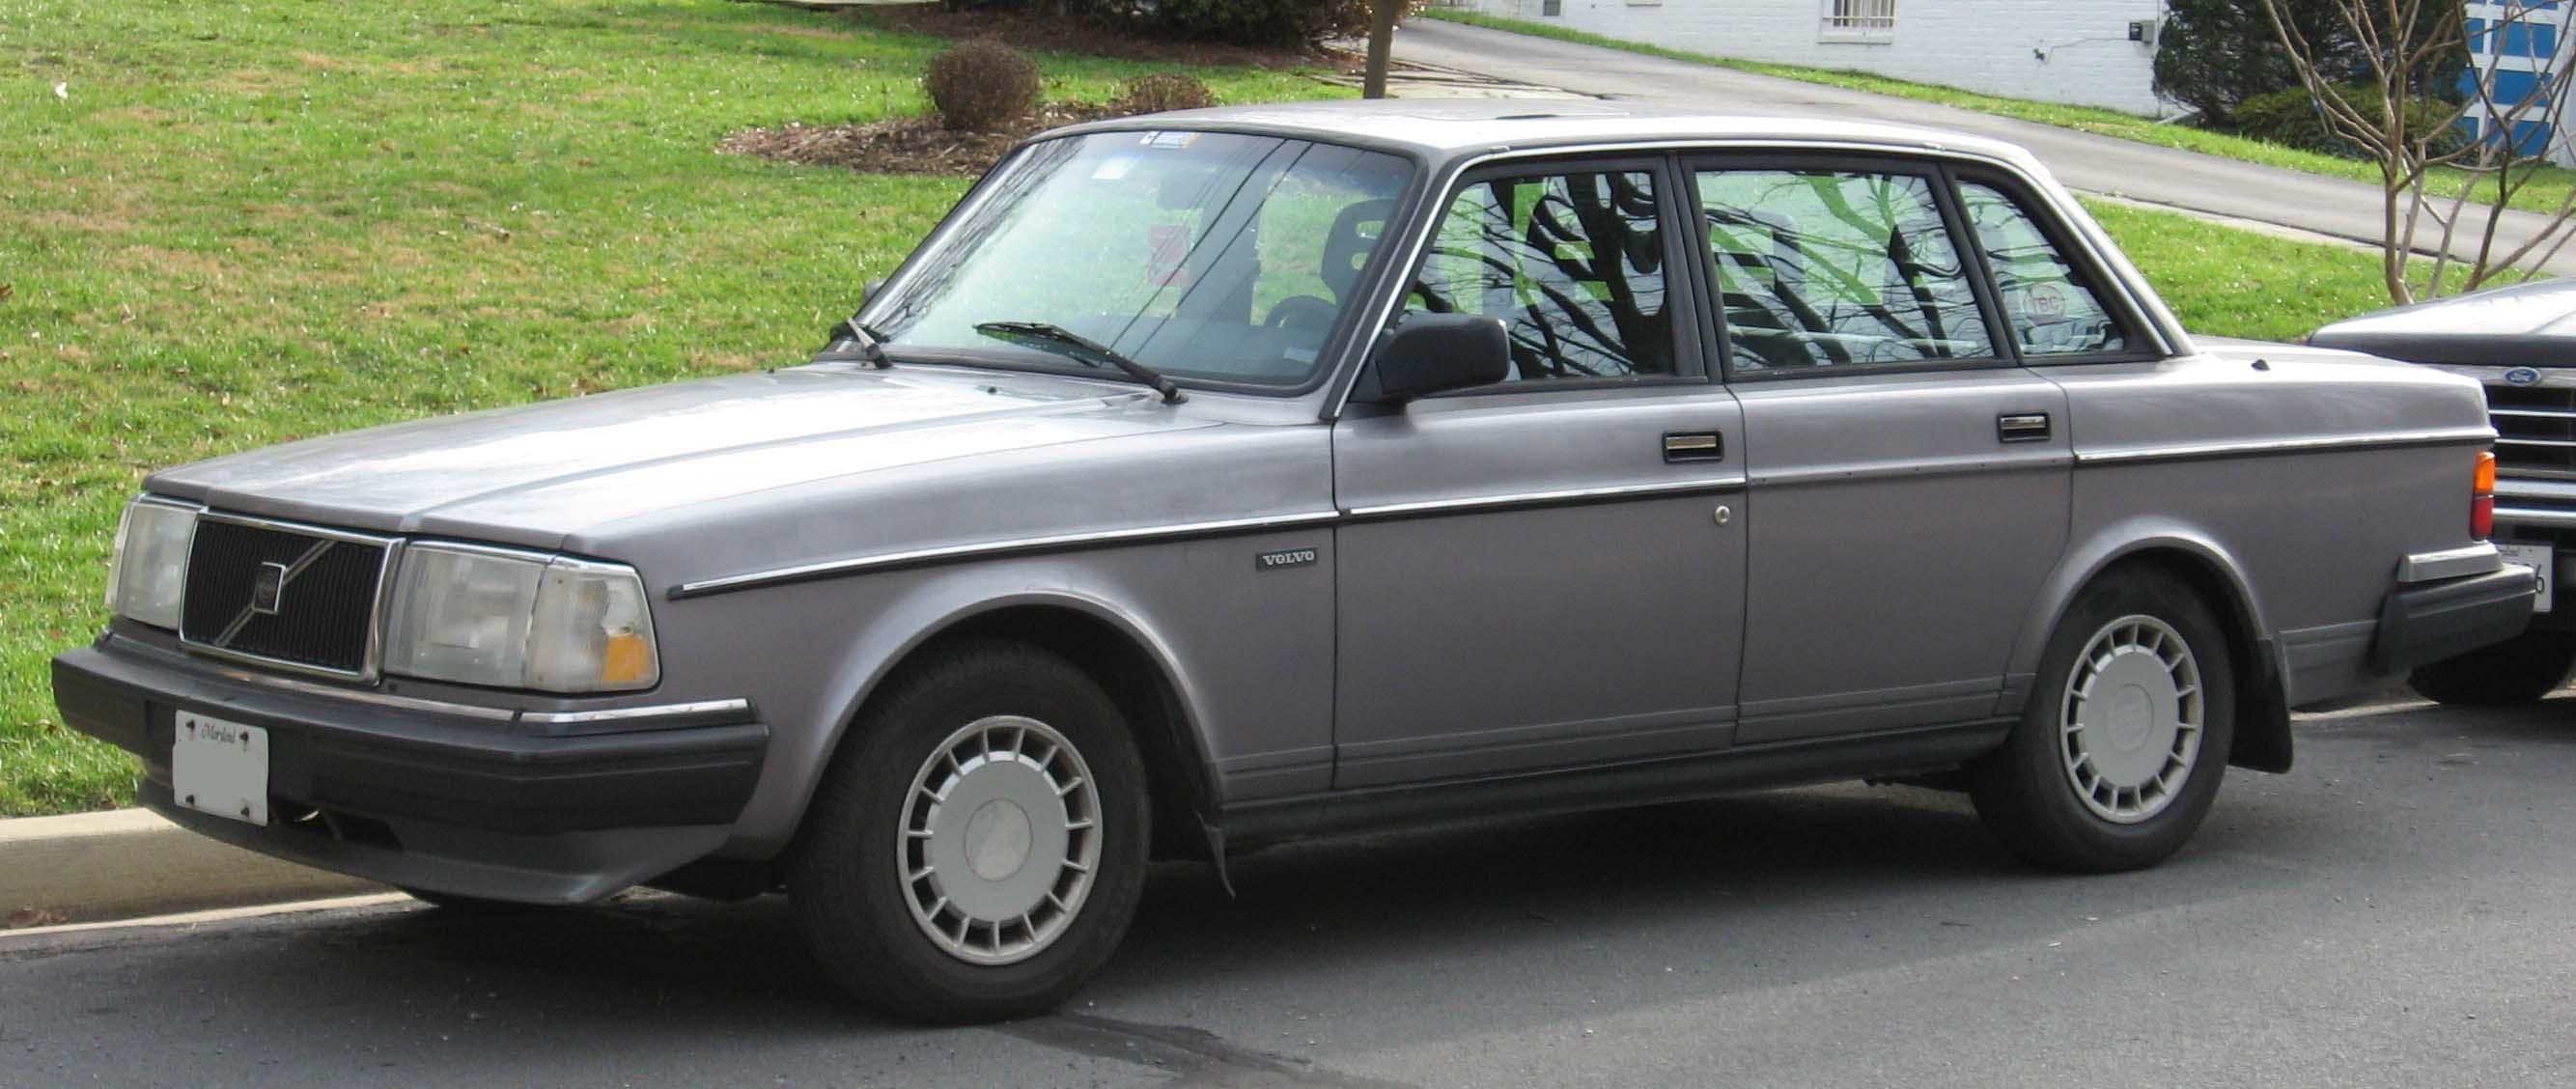 car reviews volvo 240 dl photos news reviews specs car listings. Black Bedroom Furniture Sets. Home Design Ideas